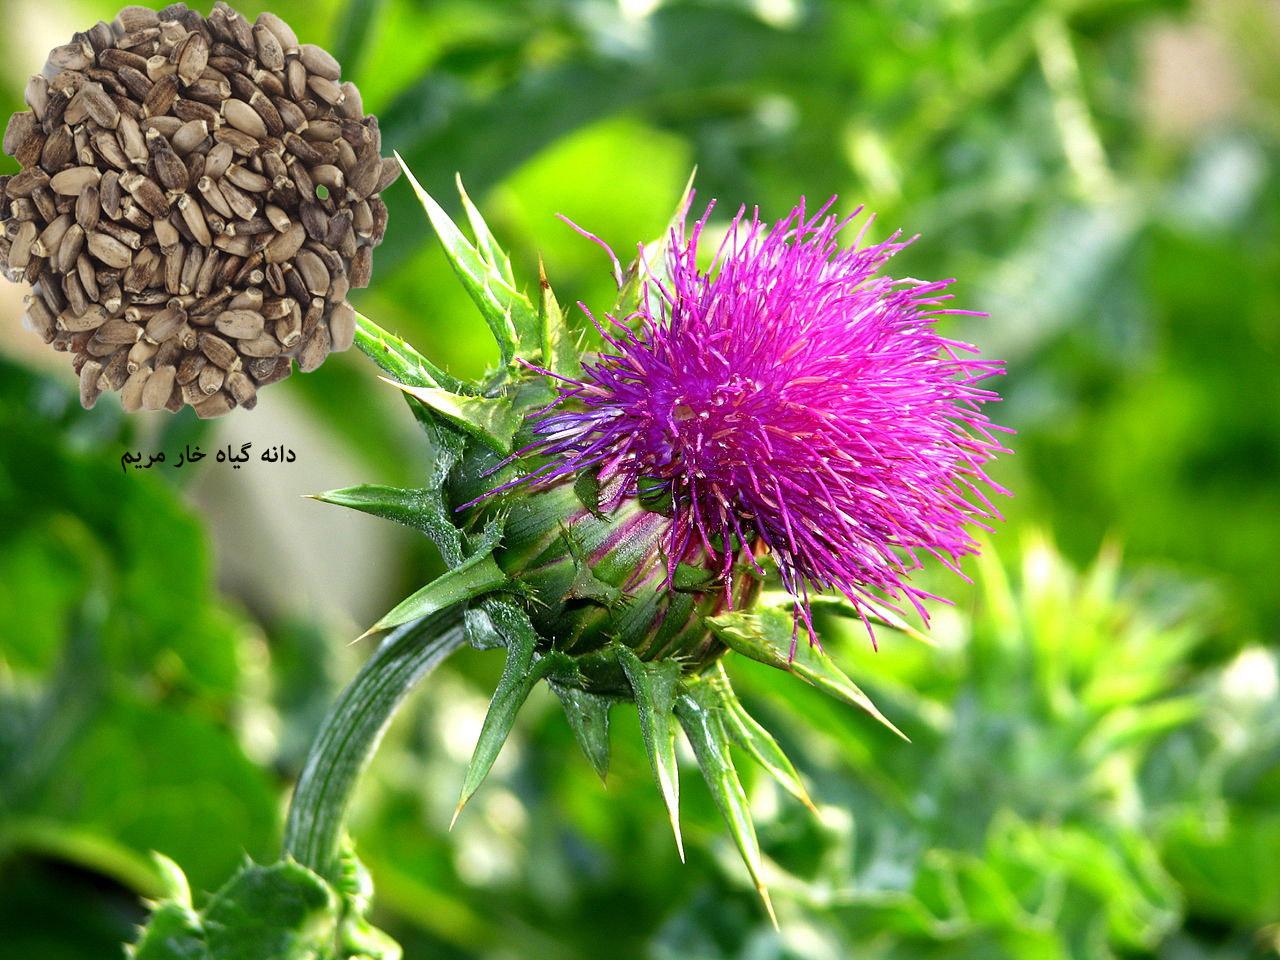 آیا گیاه خارمریم برای کبد شما مفید هست؟